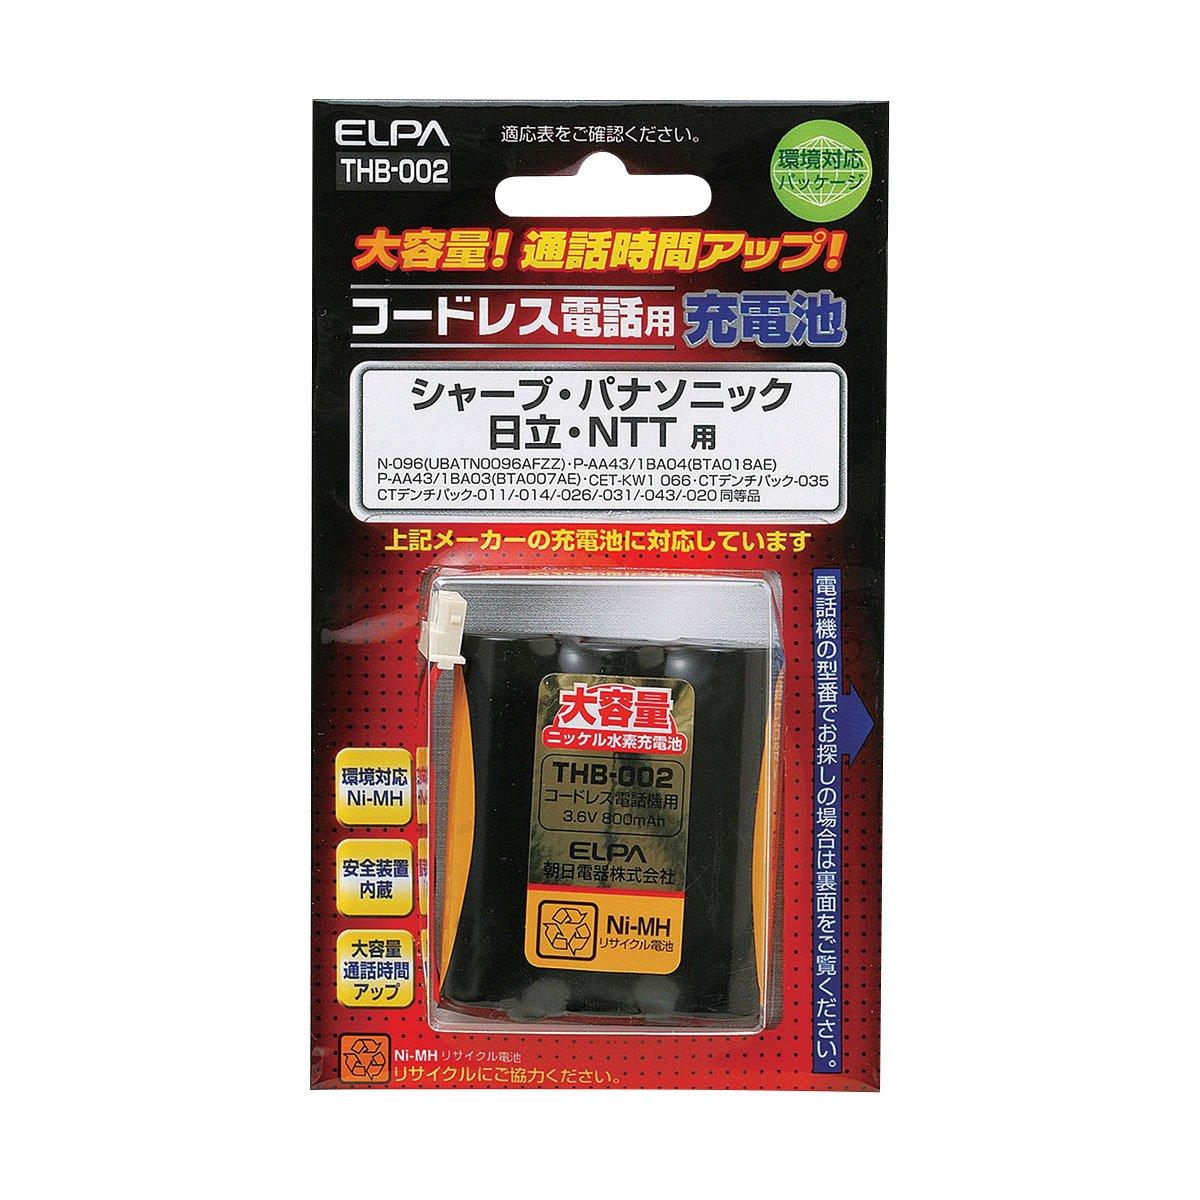 コードレス電話用 エルパ THB-002 大容量充電池 ELPA